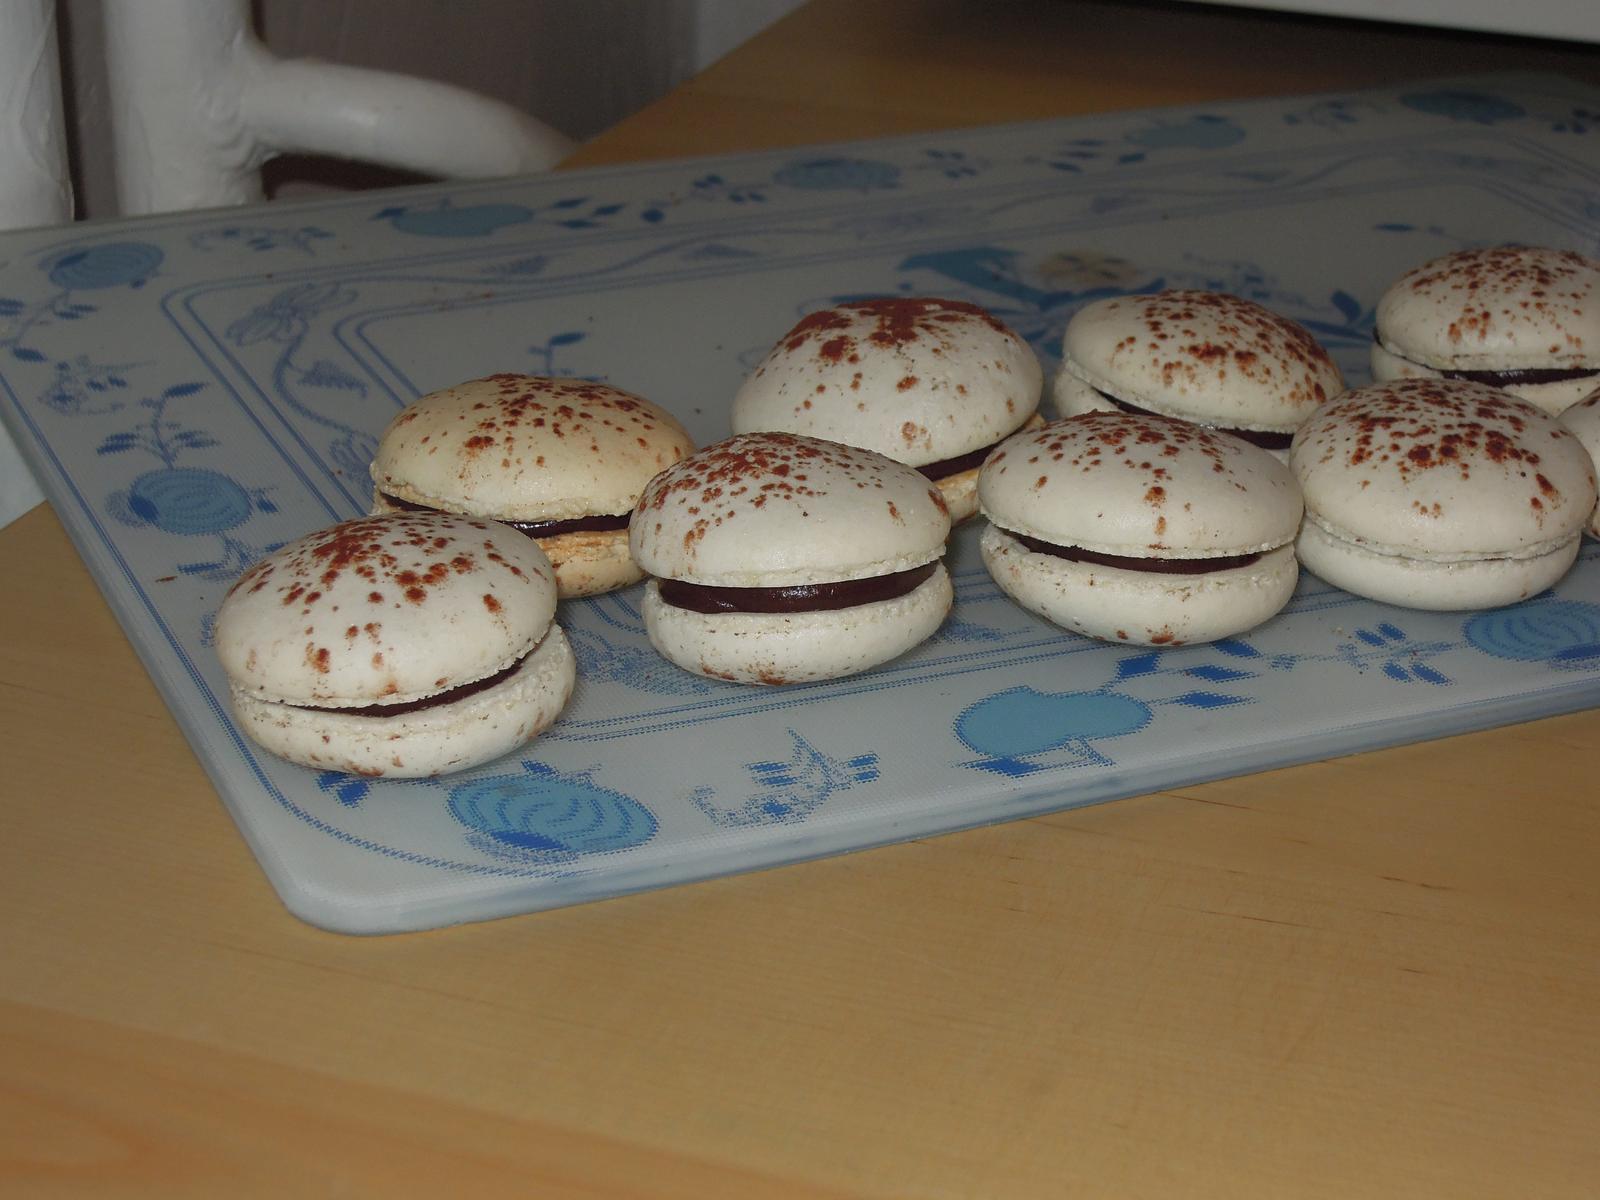 Cupcake´s and Co... moja nova zaluba... - Hotove macarons s cokoladovou plnkou. PS: Odfotila som tie najpodarenejsie :-D